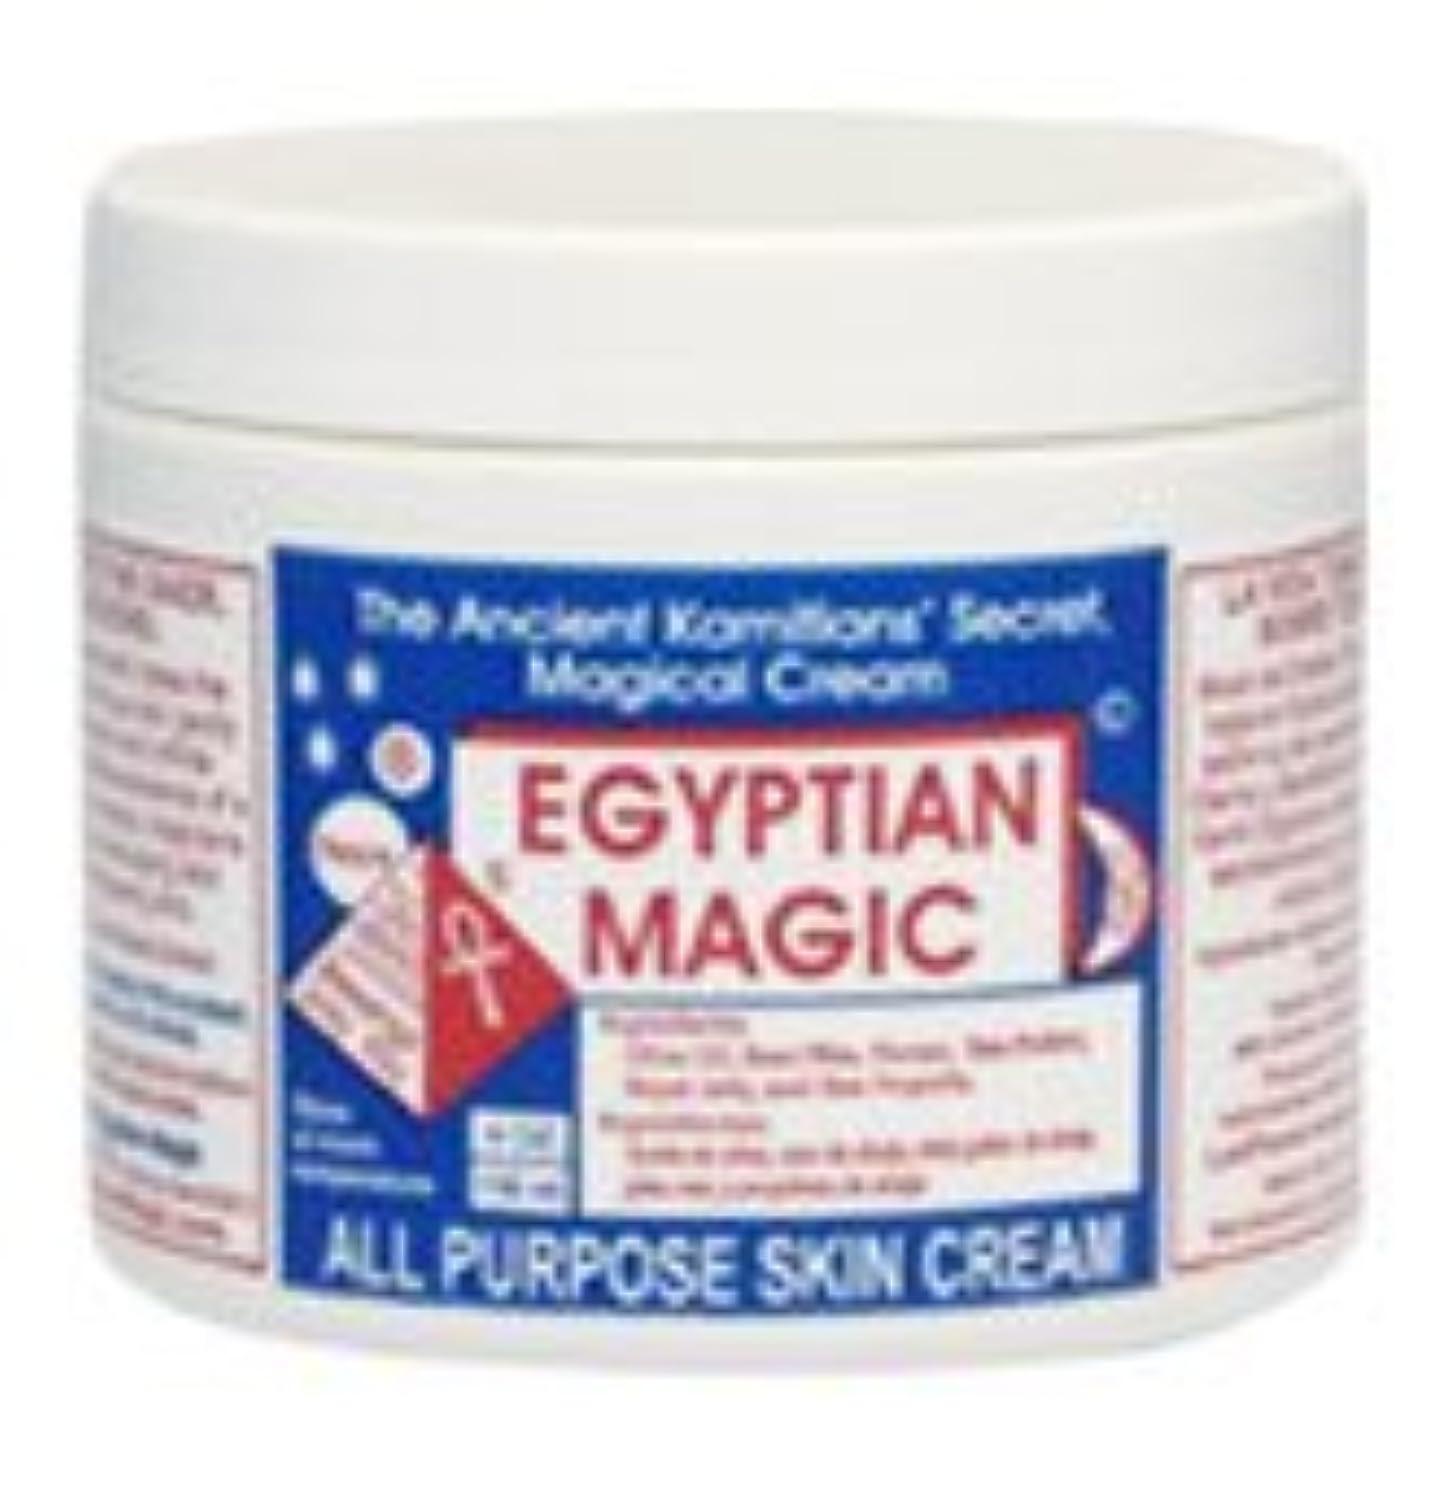 溶ける皮肉防水【EGYPTIAN Magic(エジプシャン マジック)】 EGYPTIAN MAGIC CREAM マジック クリーム 118ml